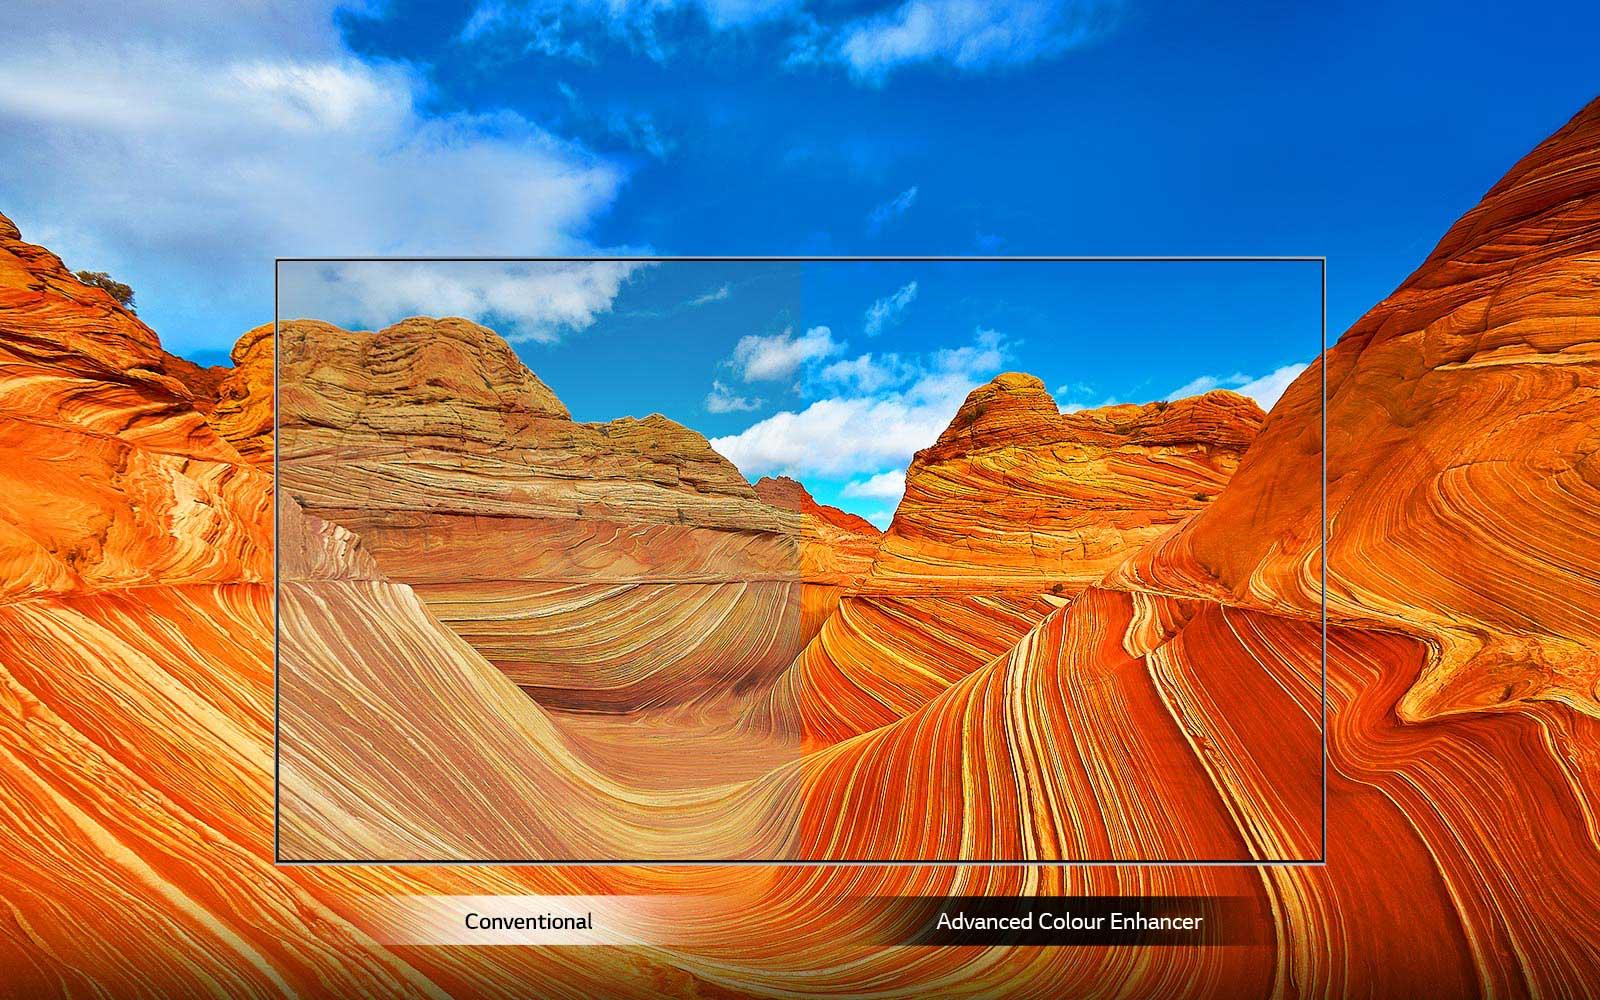 Advanced Colour Enhancer1